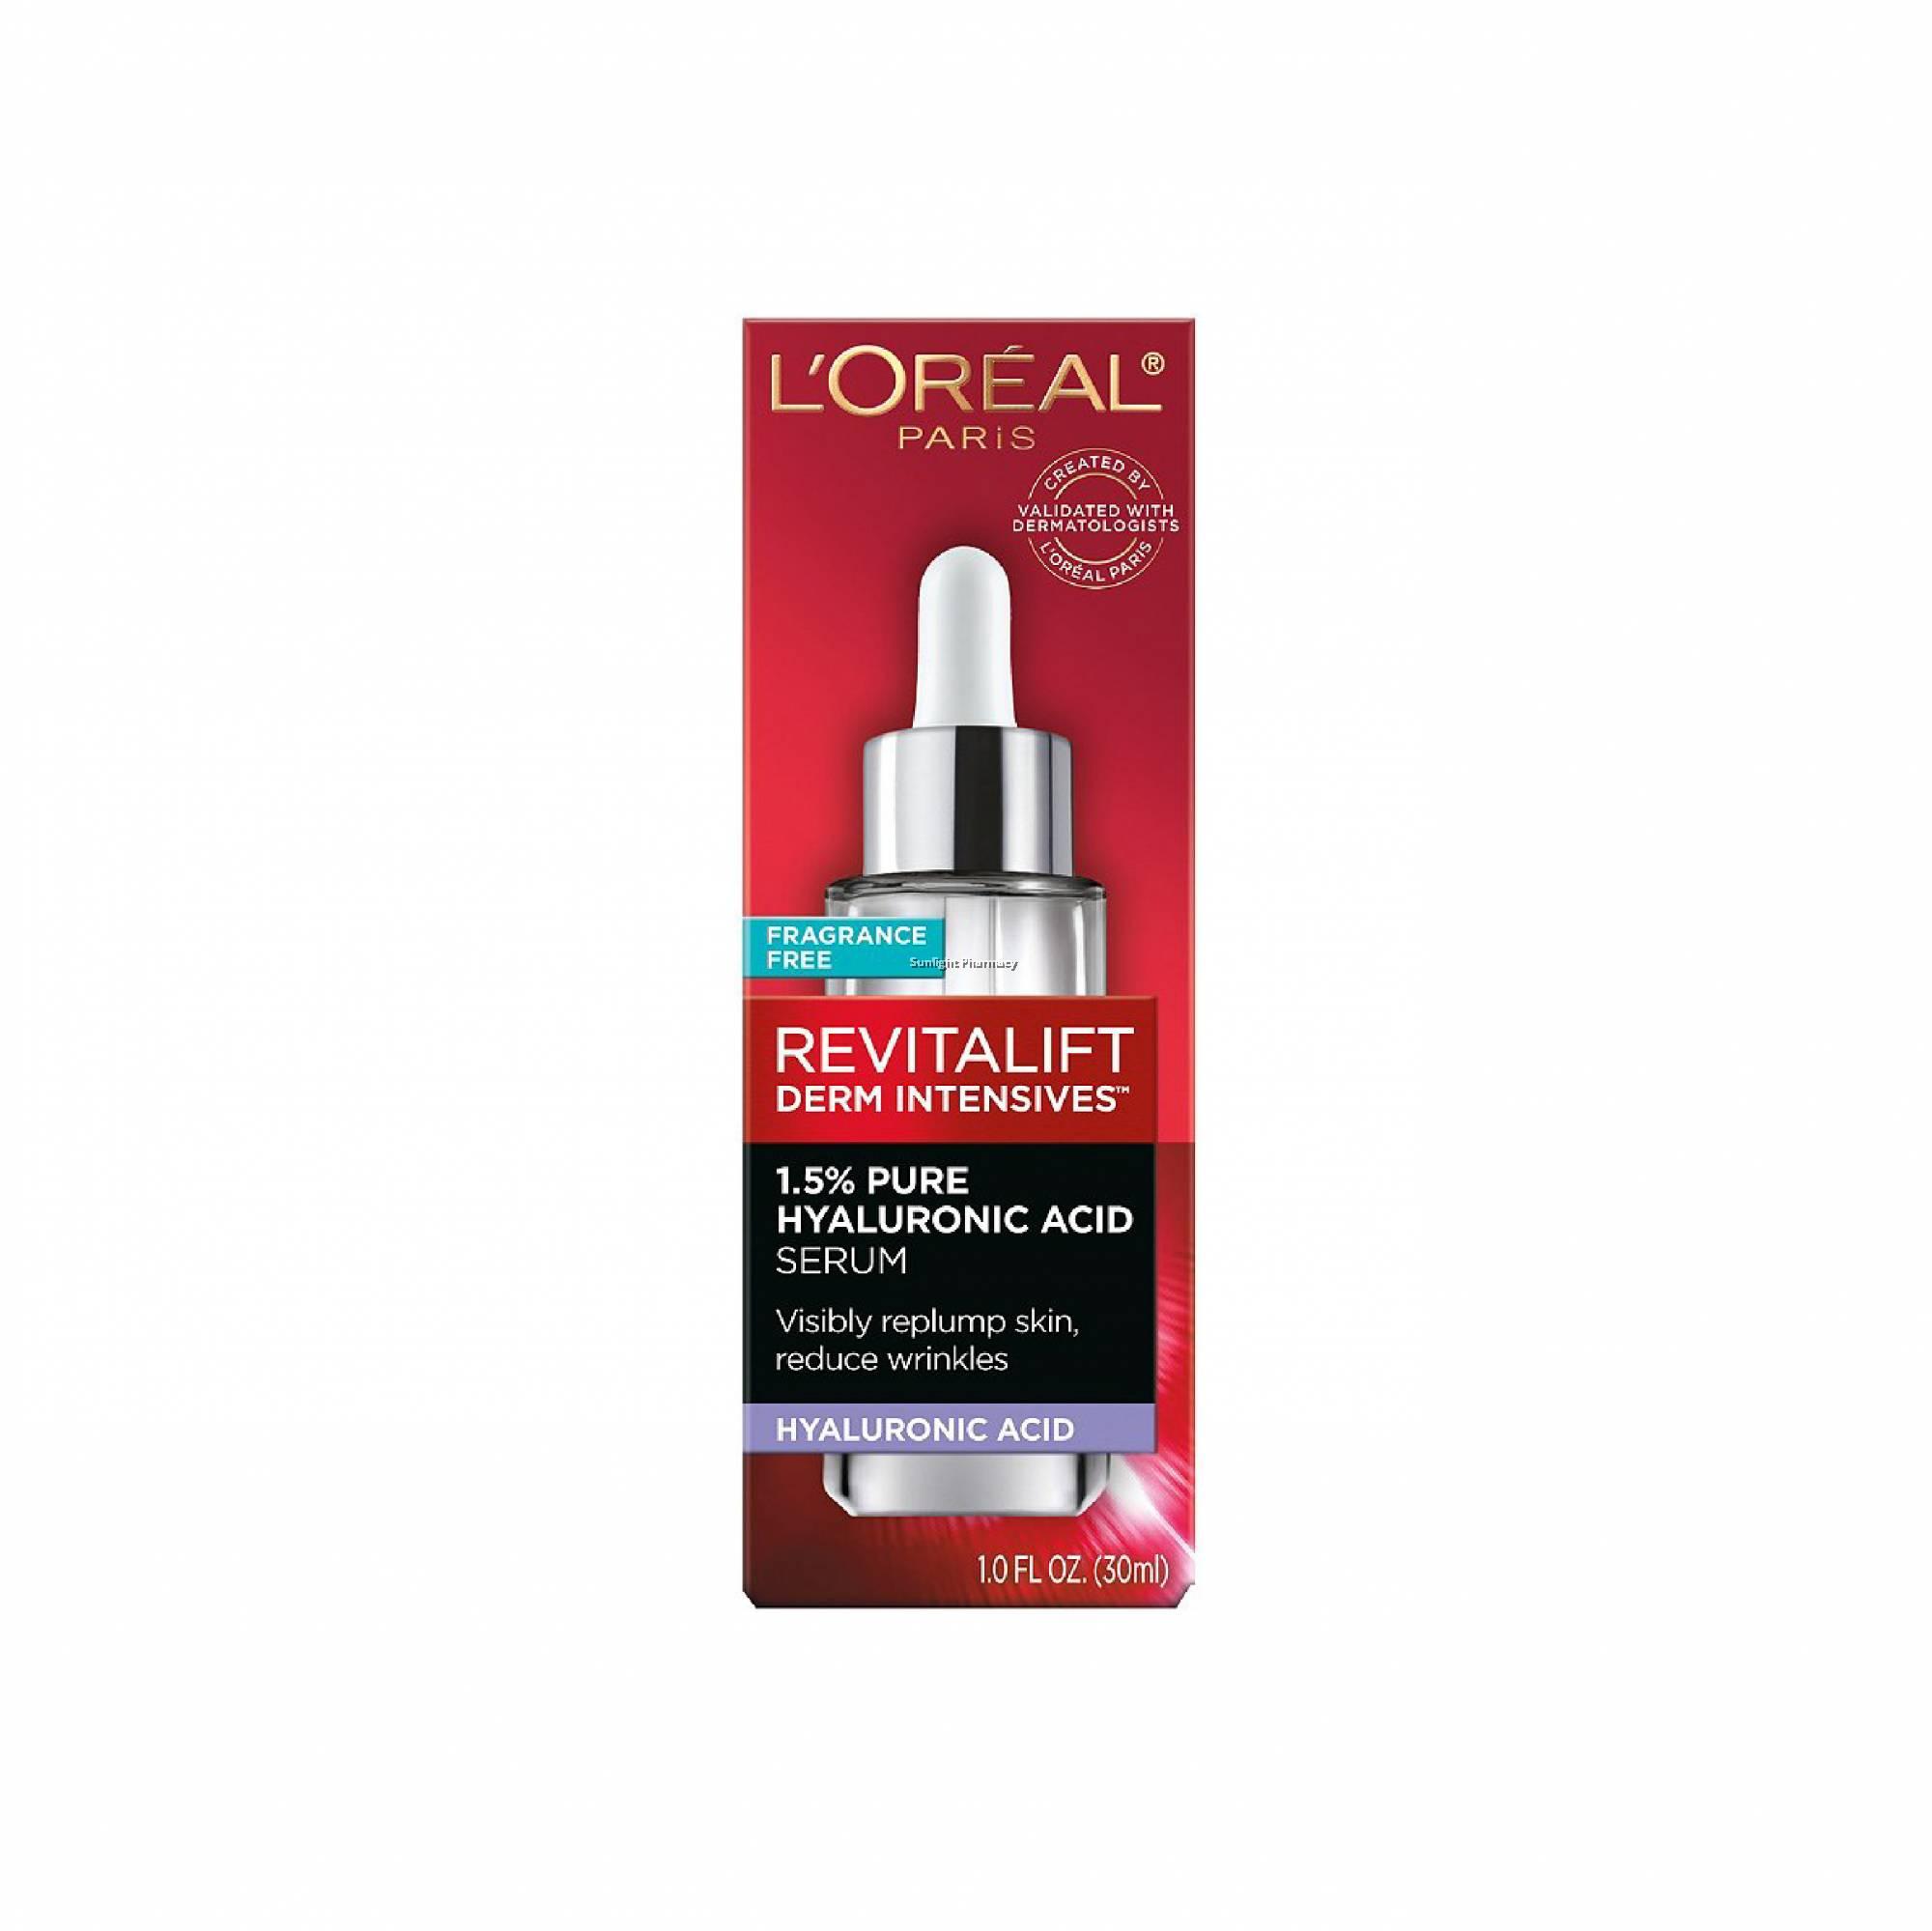 L'Oreal Paris Revitalift Hyaluronic Acid Plumping Serum 30ML